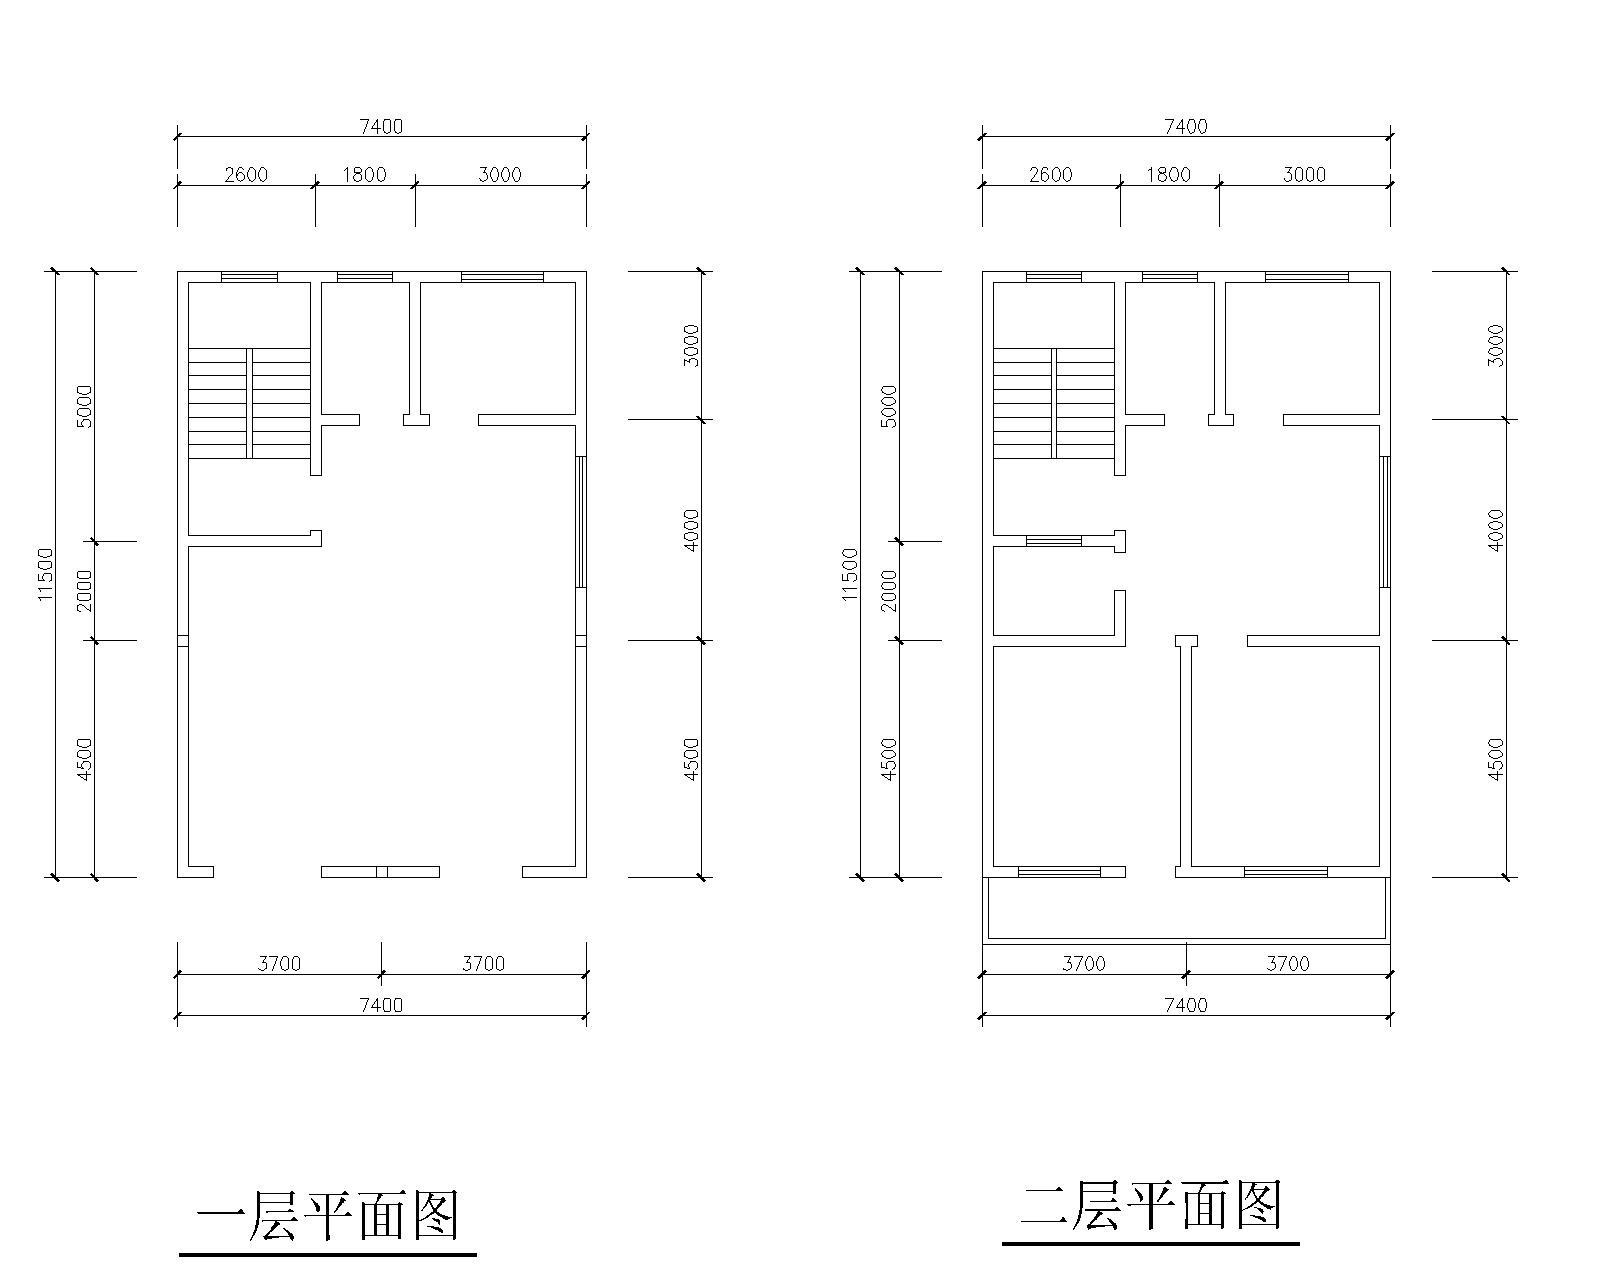 普通民房建筑设计图6.6米乘16米